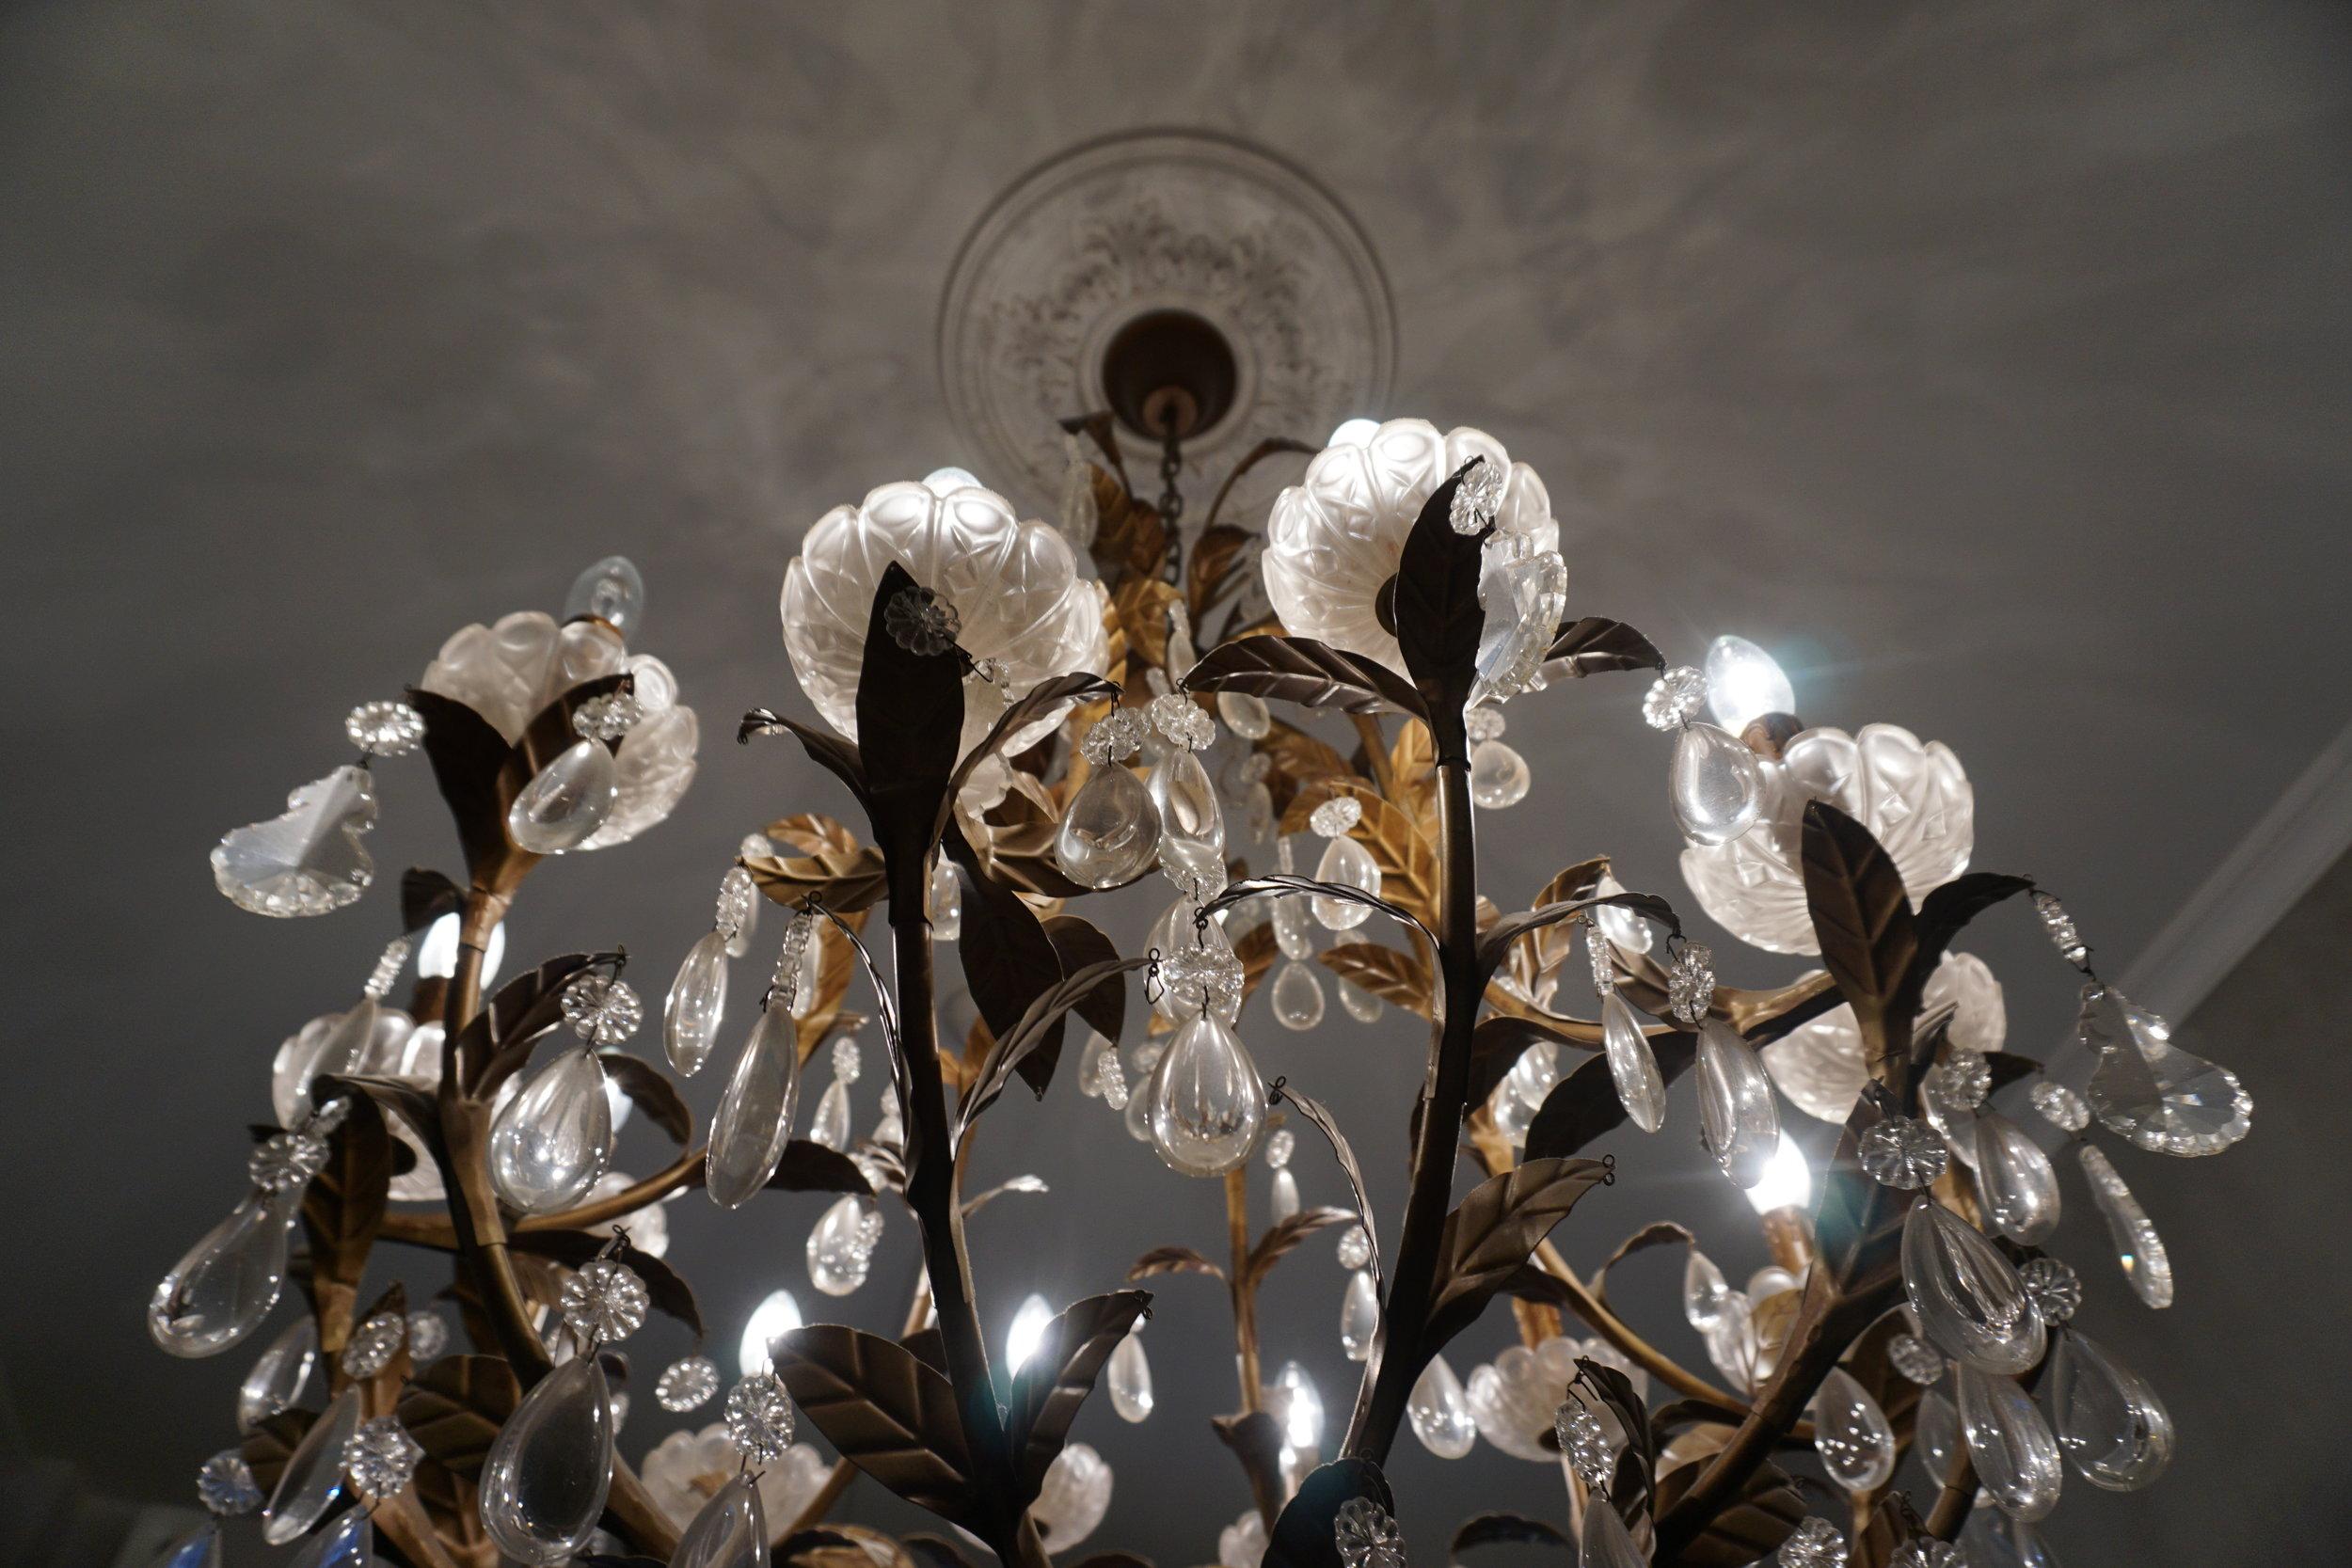 Sisustus on rakentunut Ranskasta tilatun kristallikruunun ympärille.  Kahvilassa tuoksuu itseleivottu pulla.  www.fleuriste.fi